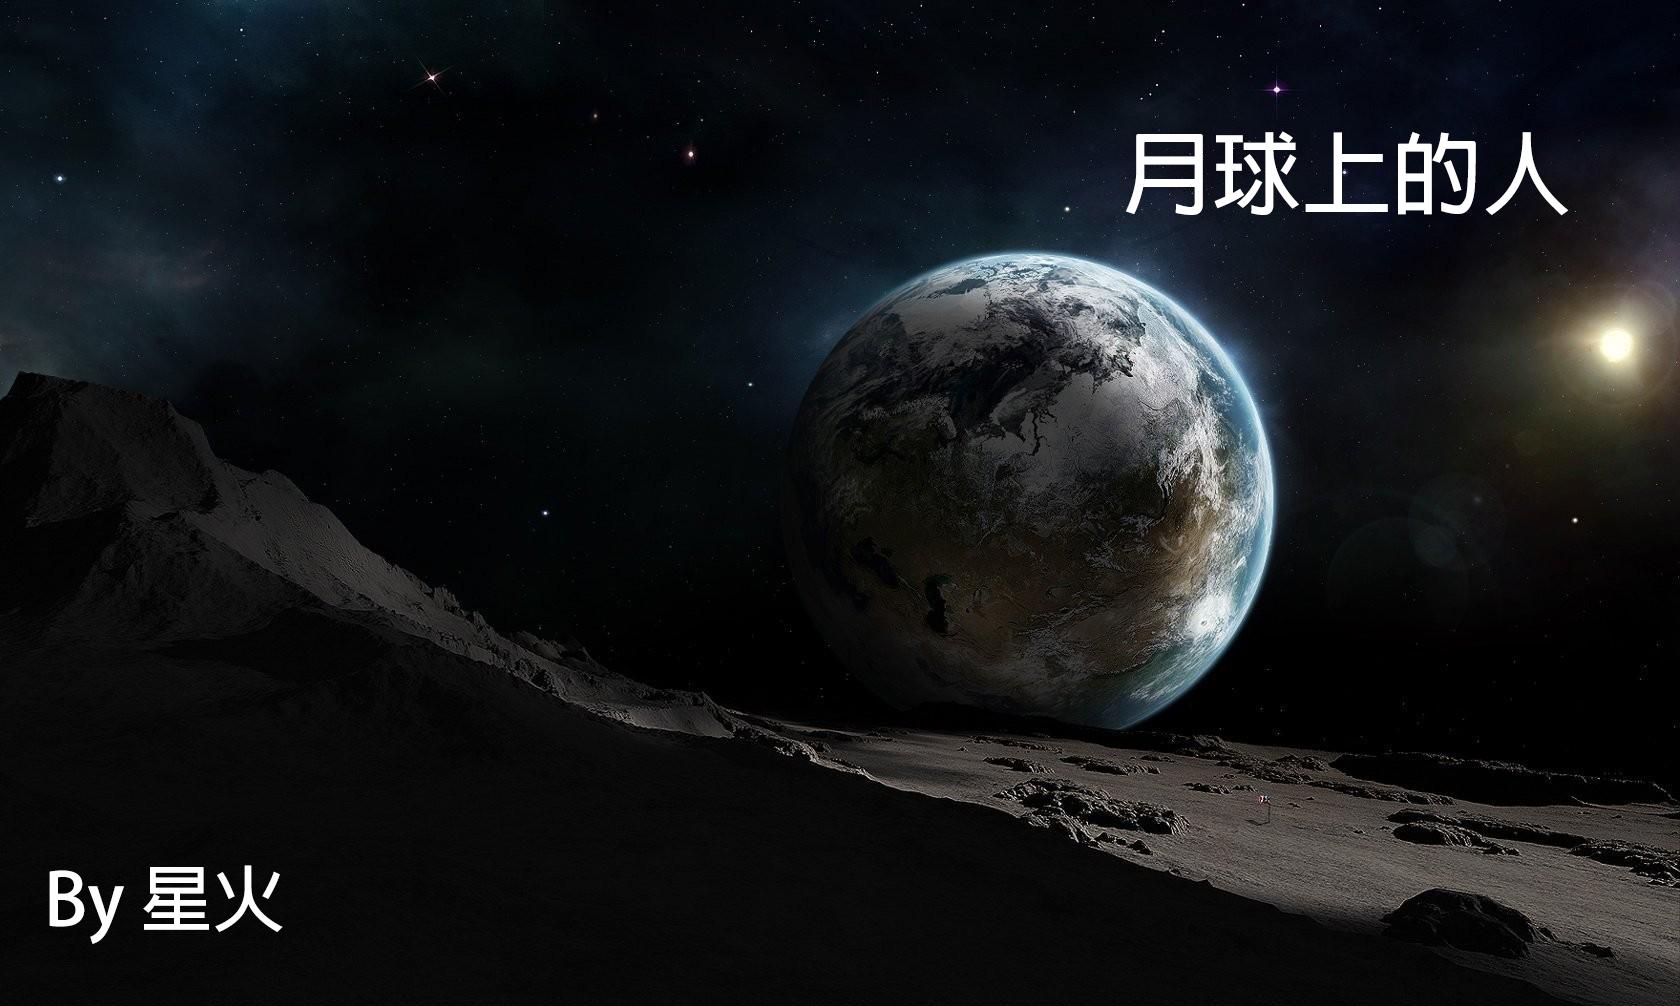 月球上的人   紙言短篇